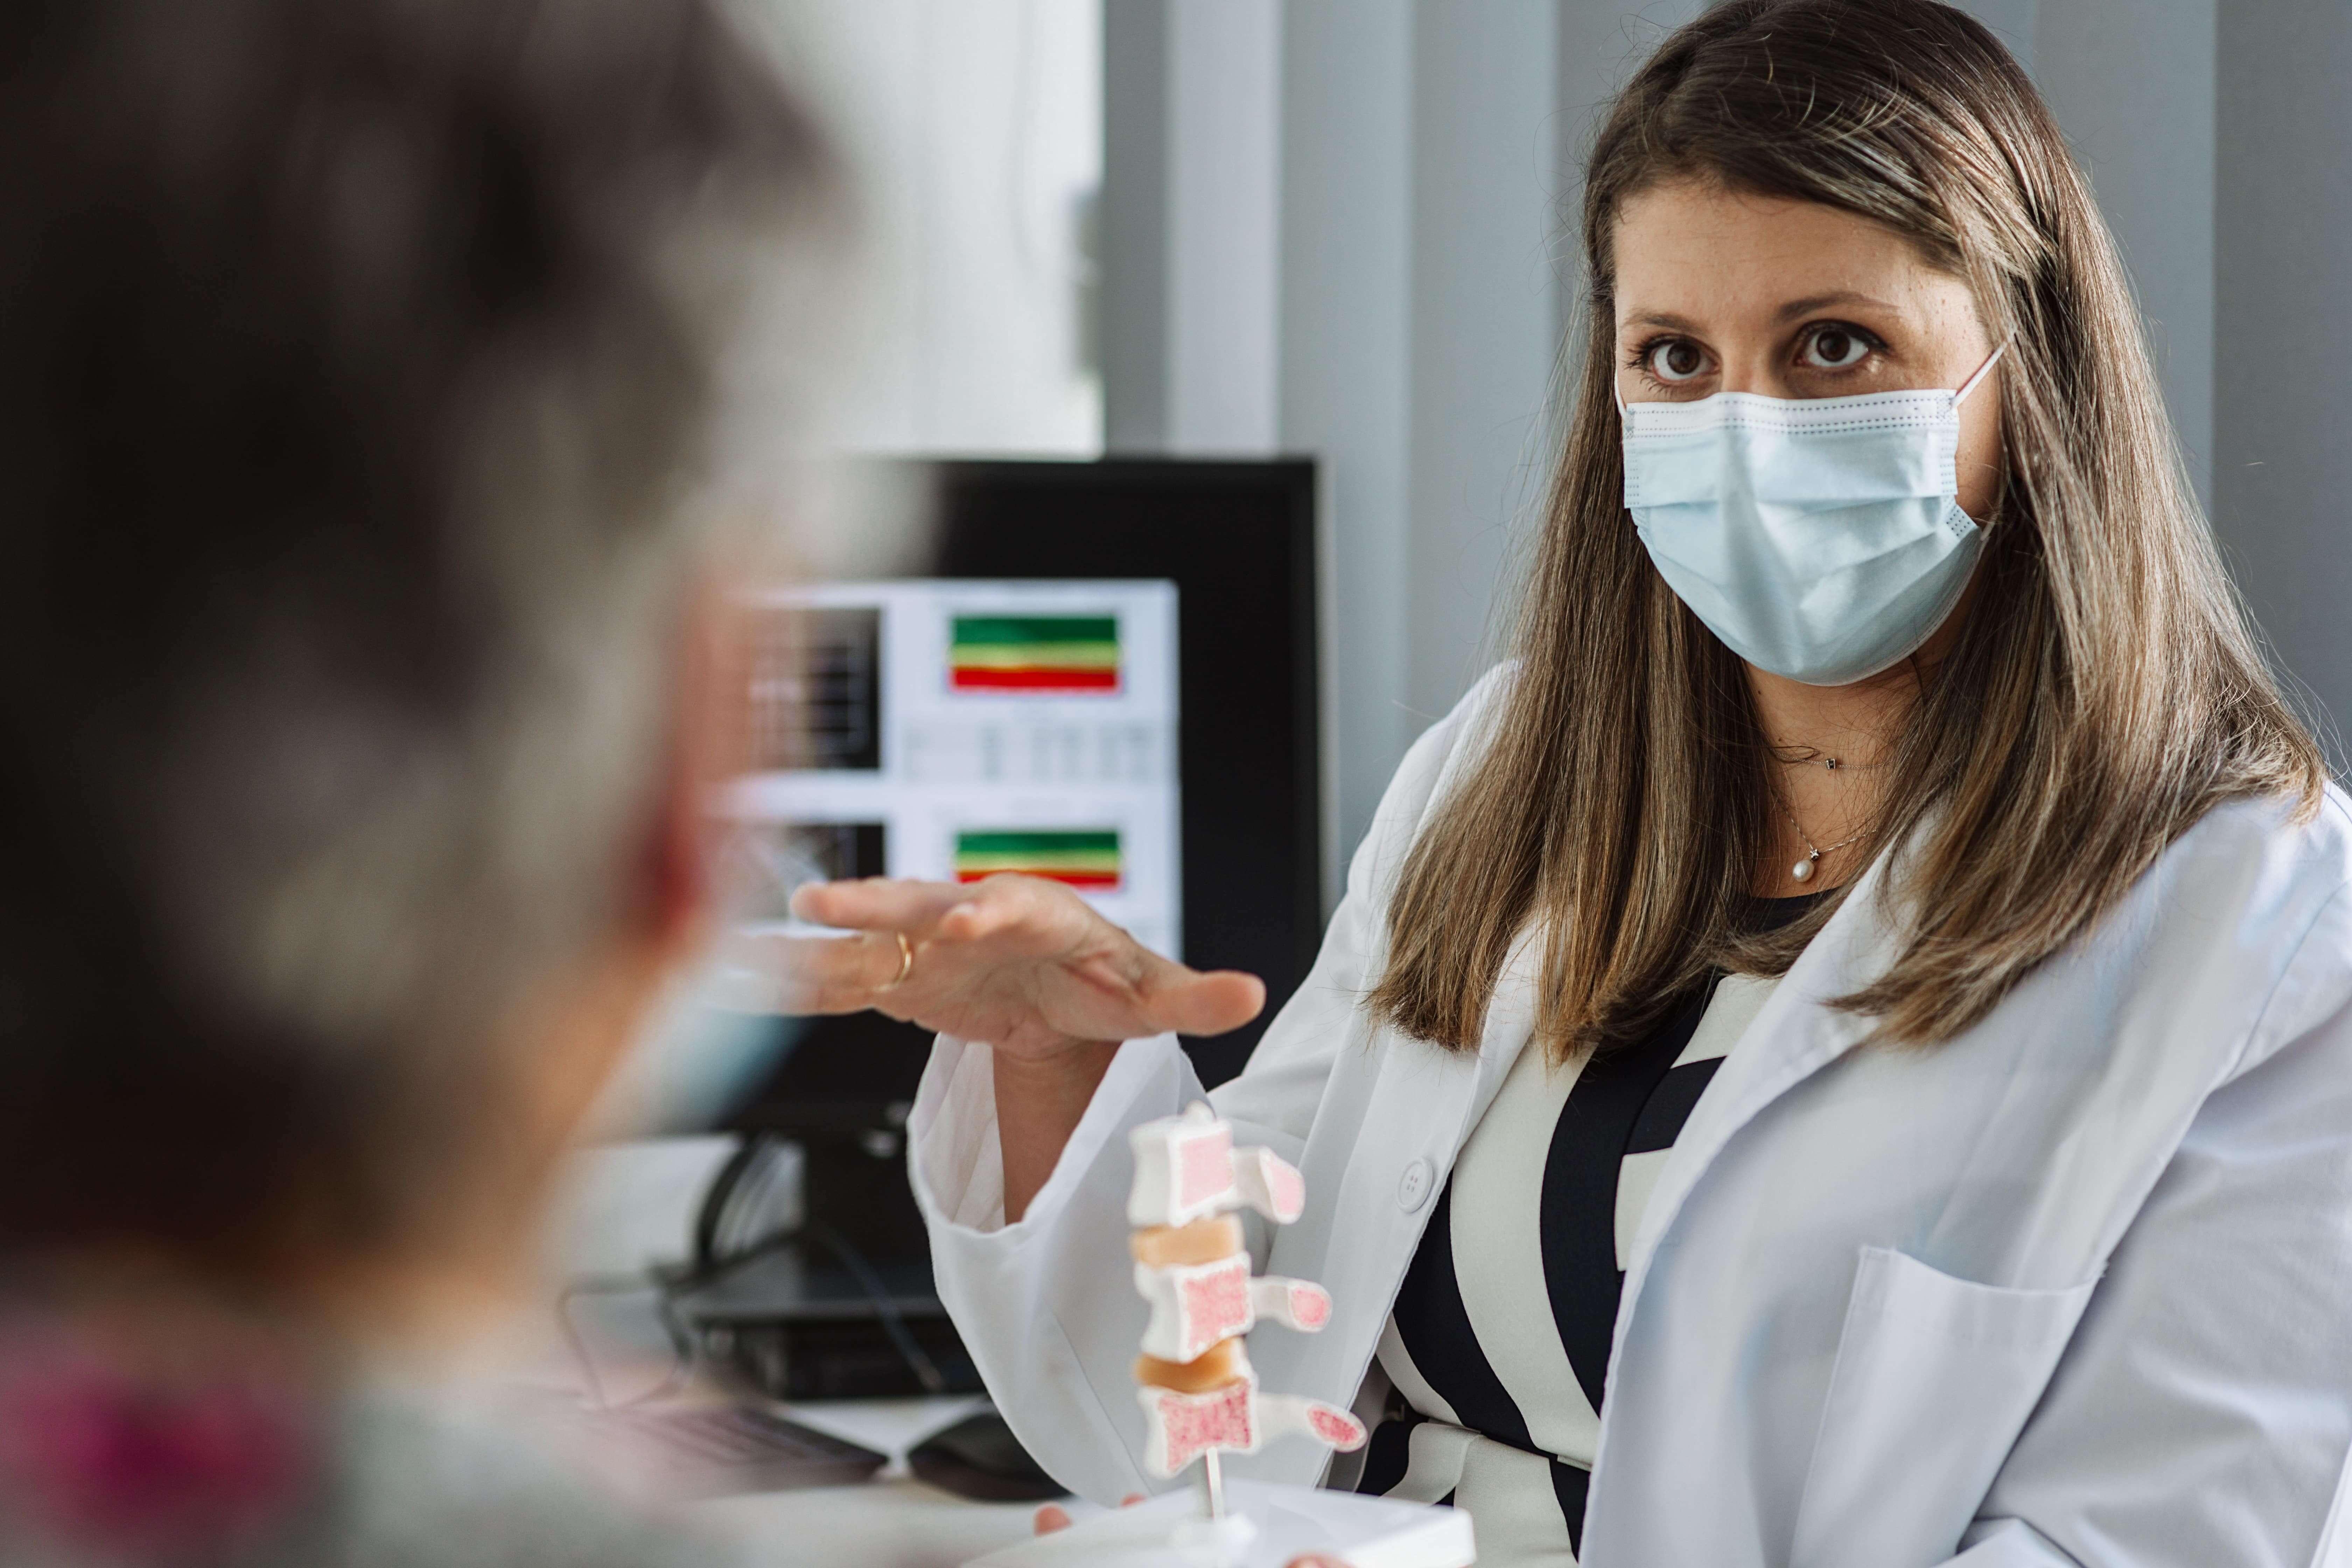 Οστεοπόρωσης (Ιατρείο)